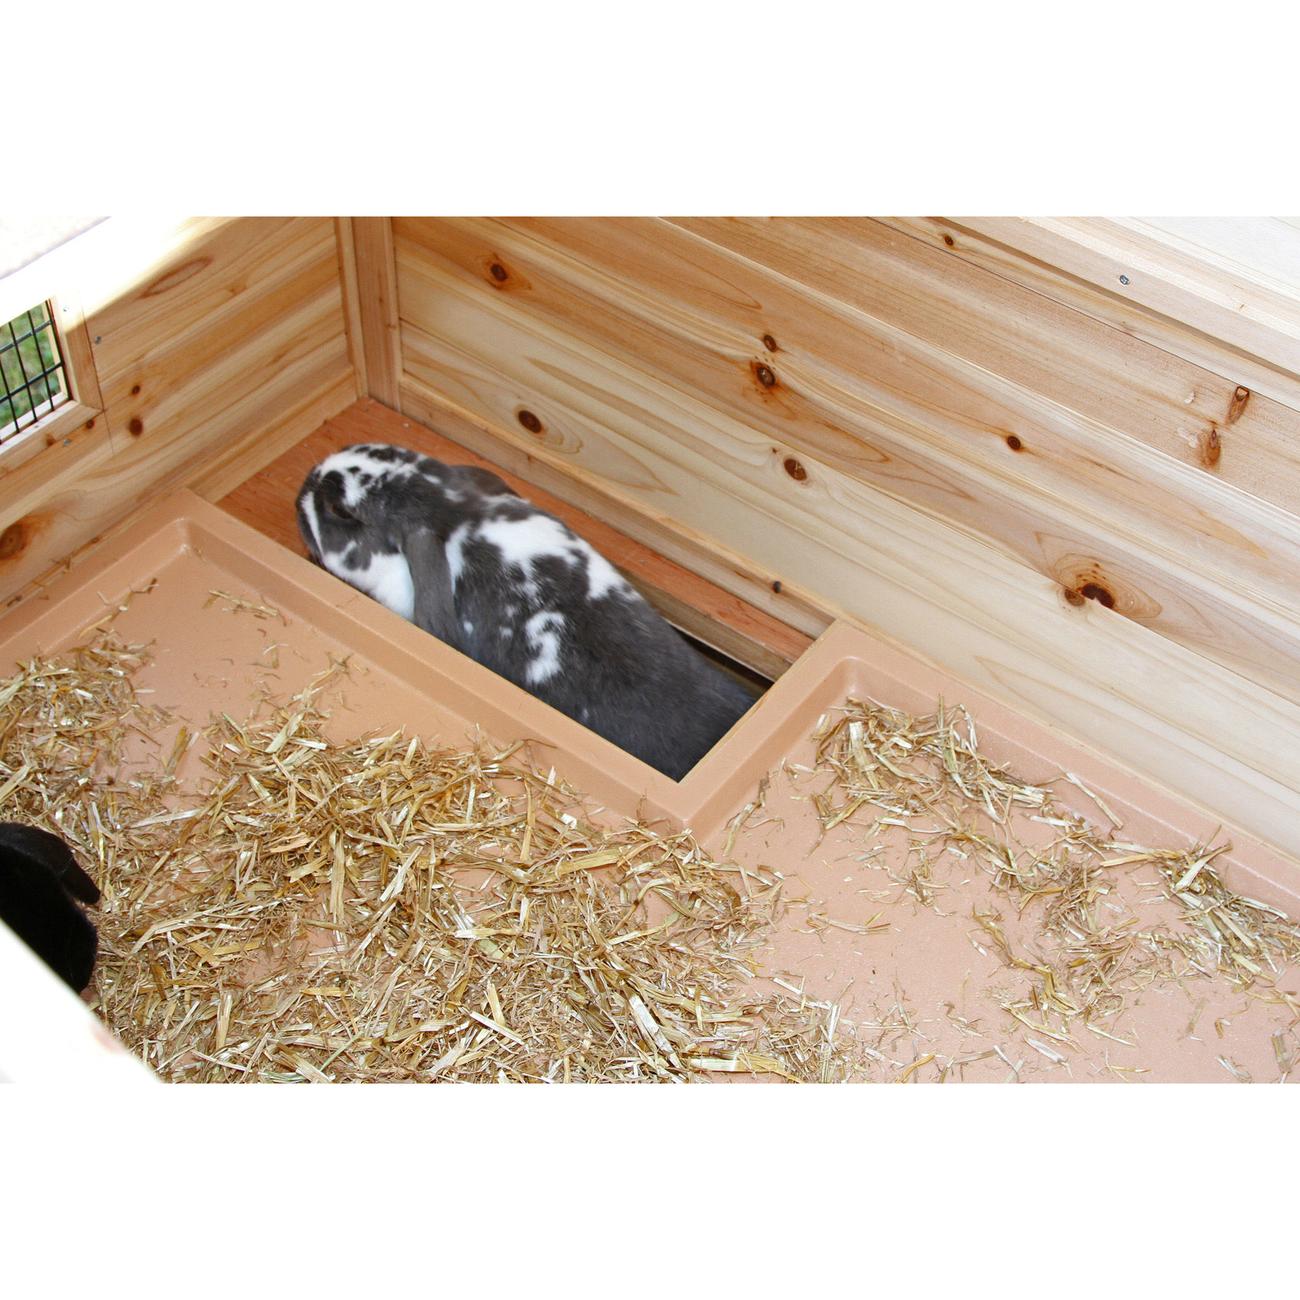 Kerbl Kaninchenstall Tyrol wärmeisoliert, Bild 6